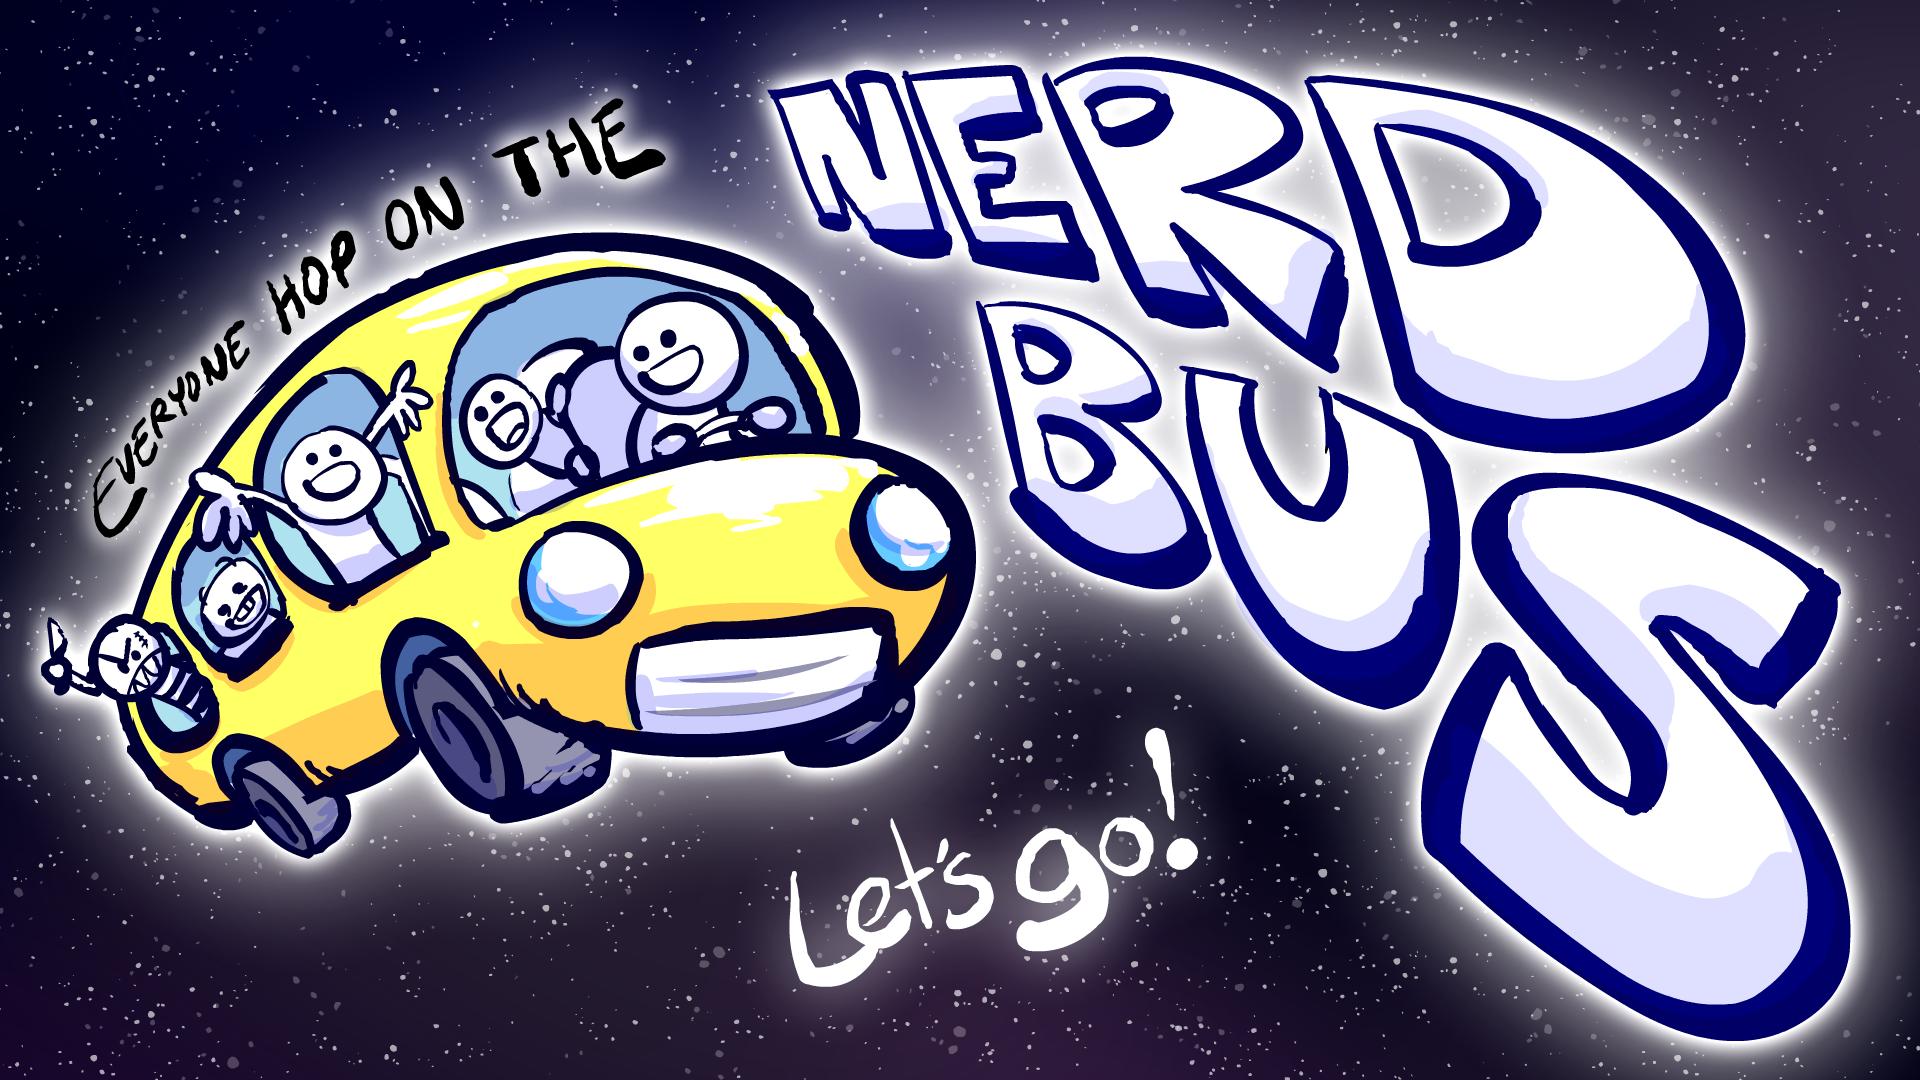 Nerd Bus